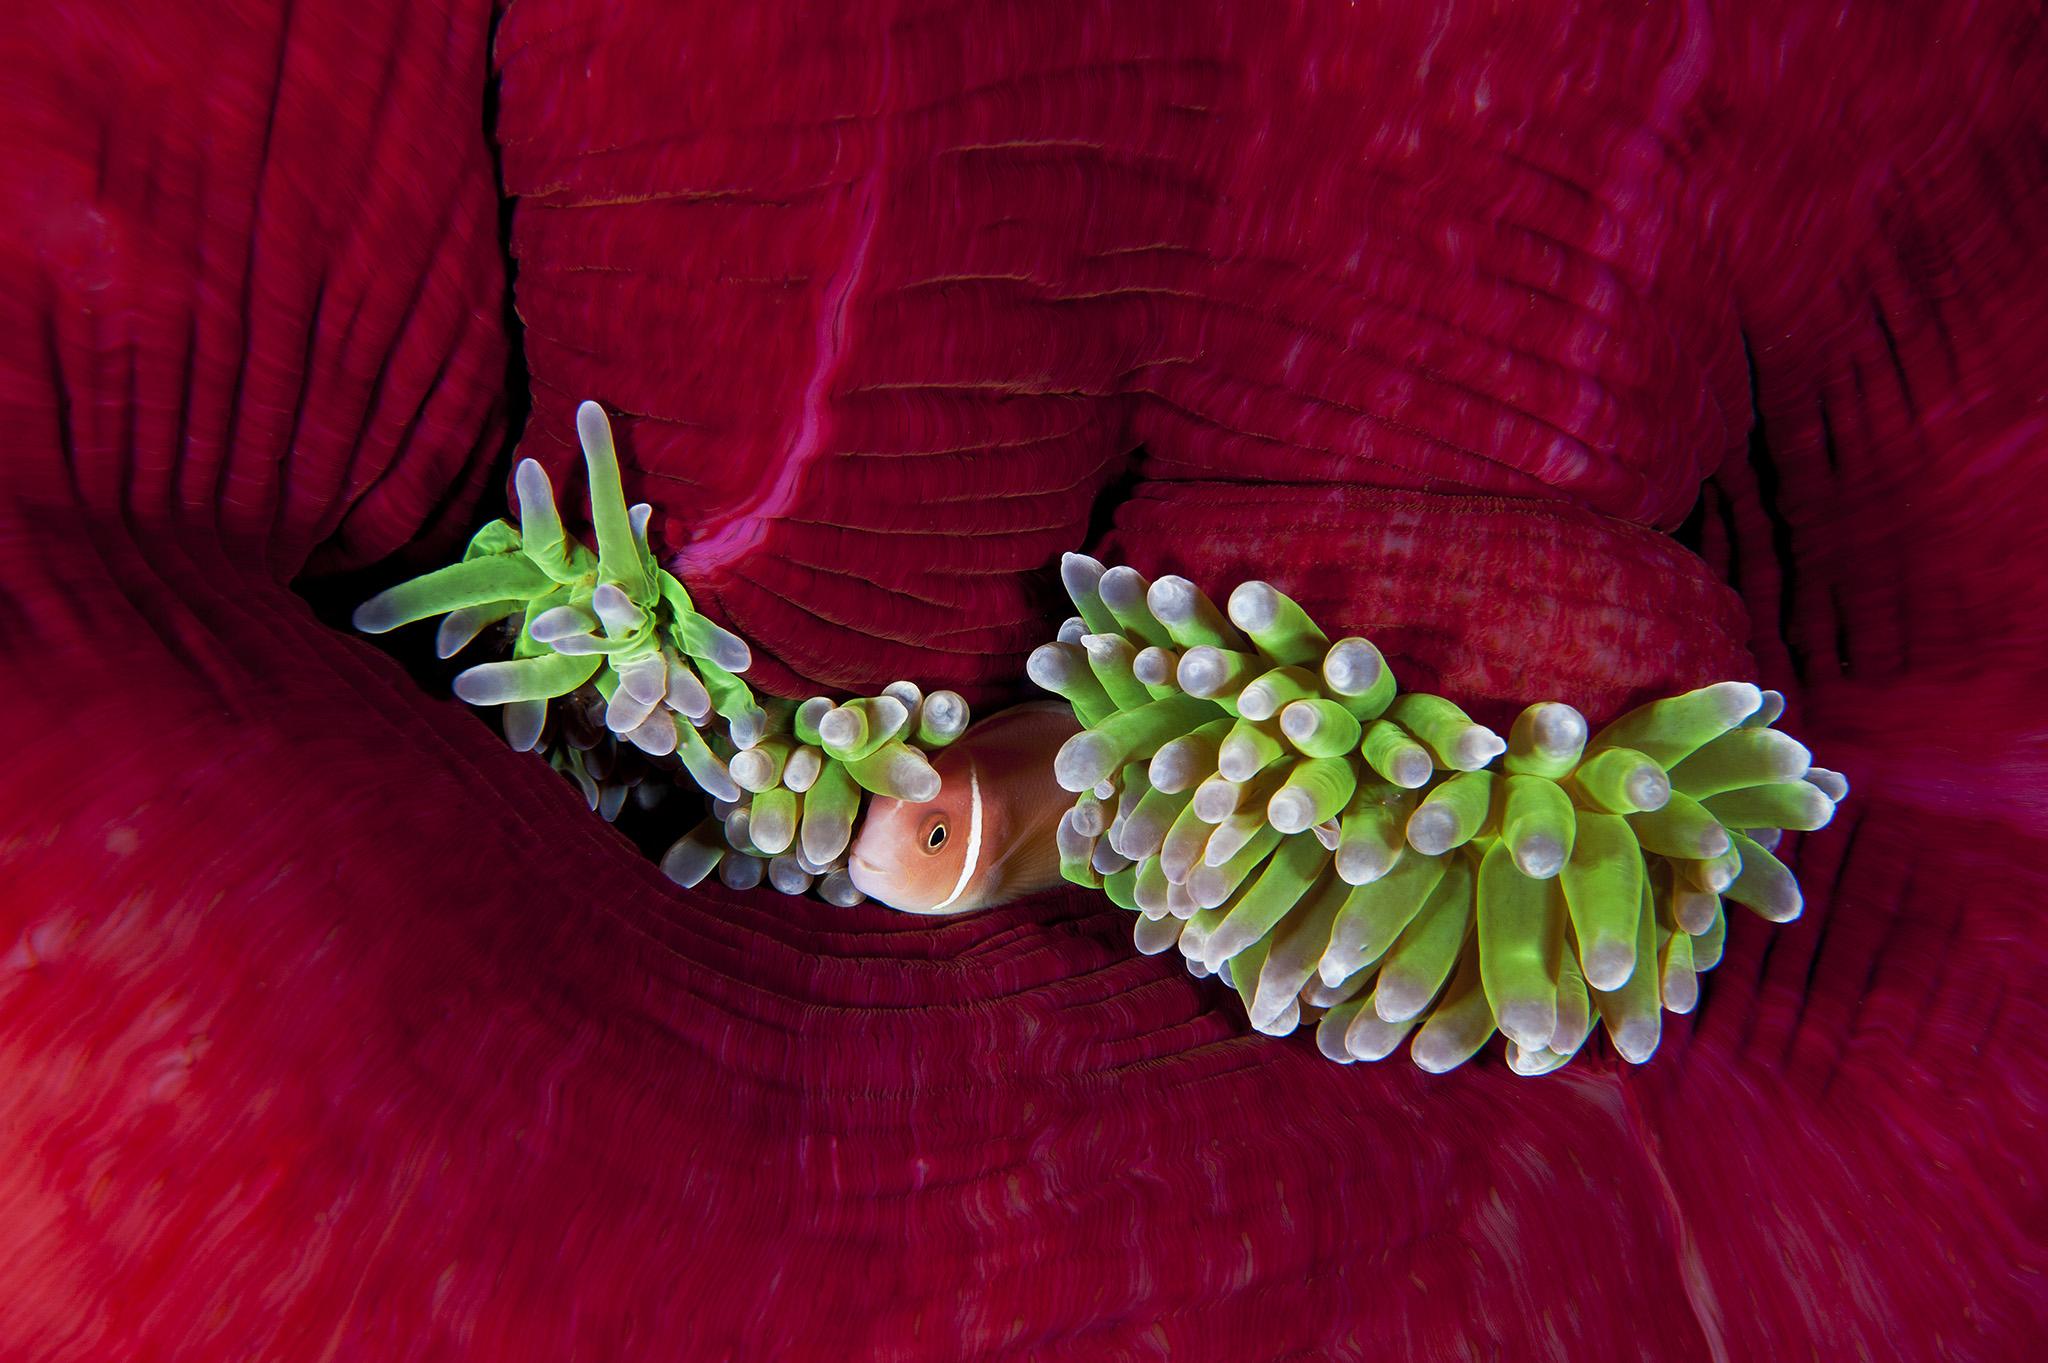 En sécurité. Un poisson-clown rose (anemonefish) jette un coup d'œil au-dehors depuis le refuge de son anémone-hôte tandis que l'obscurité tombe à Joelle's Seamount, dans la baie de Kimbe, en Papouasie-Nouvelle-Guinée. Quand l'anémone commence à s'ouvrir et à exposer ses couleurs brillantes, elle ressemble à un bouquet de fleurs dans la mer.